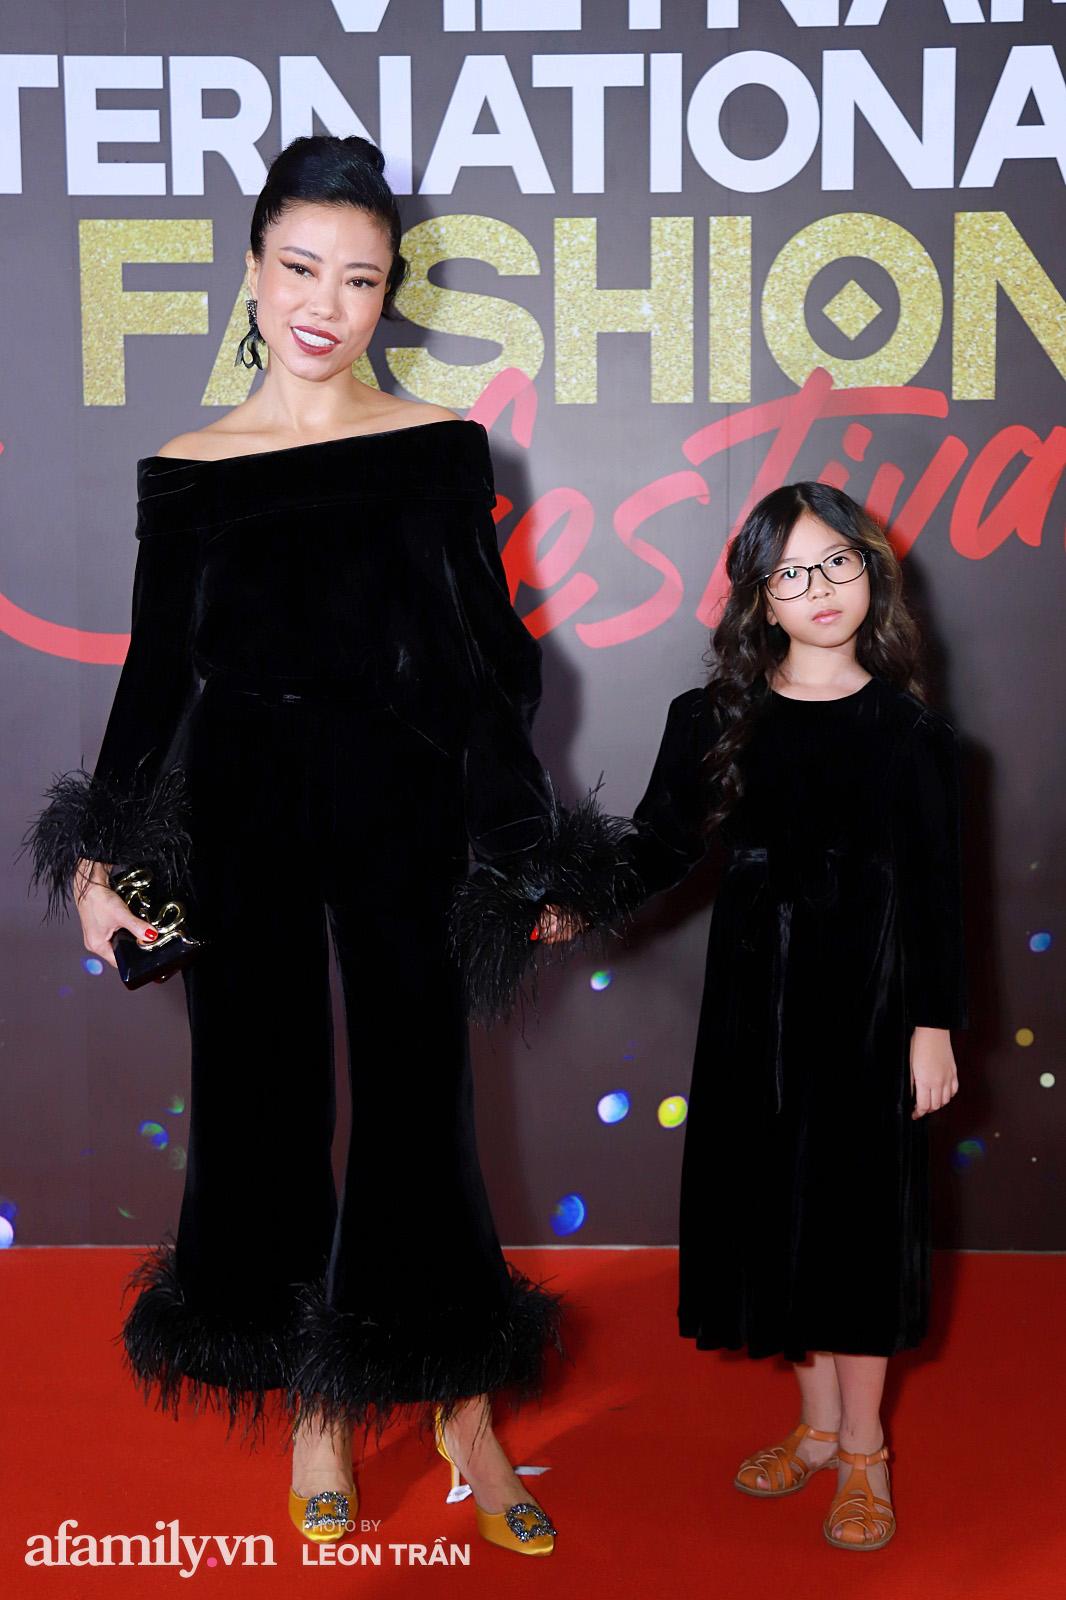 """Fashion Festival ngày cuối: Midu đẹp tựa thần tiên, nhưng giật spotlight lại là gương mặt """"mới cứng"""" của showbiz Việt  - Ảnh 12."""